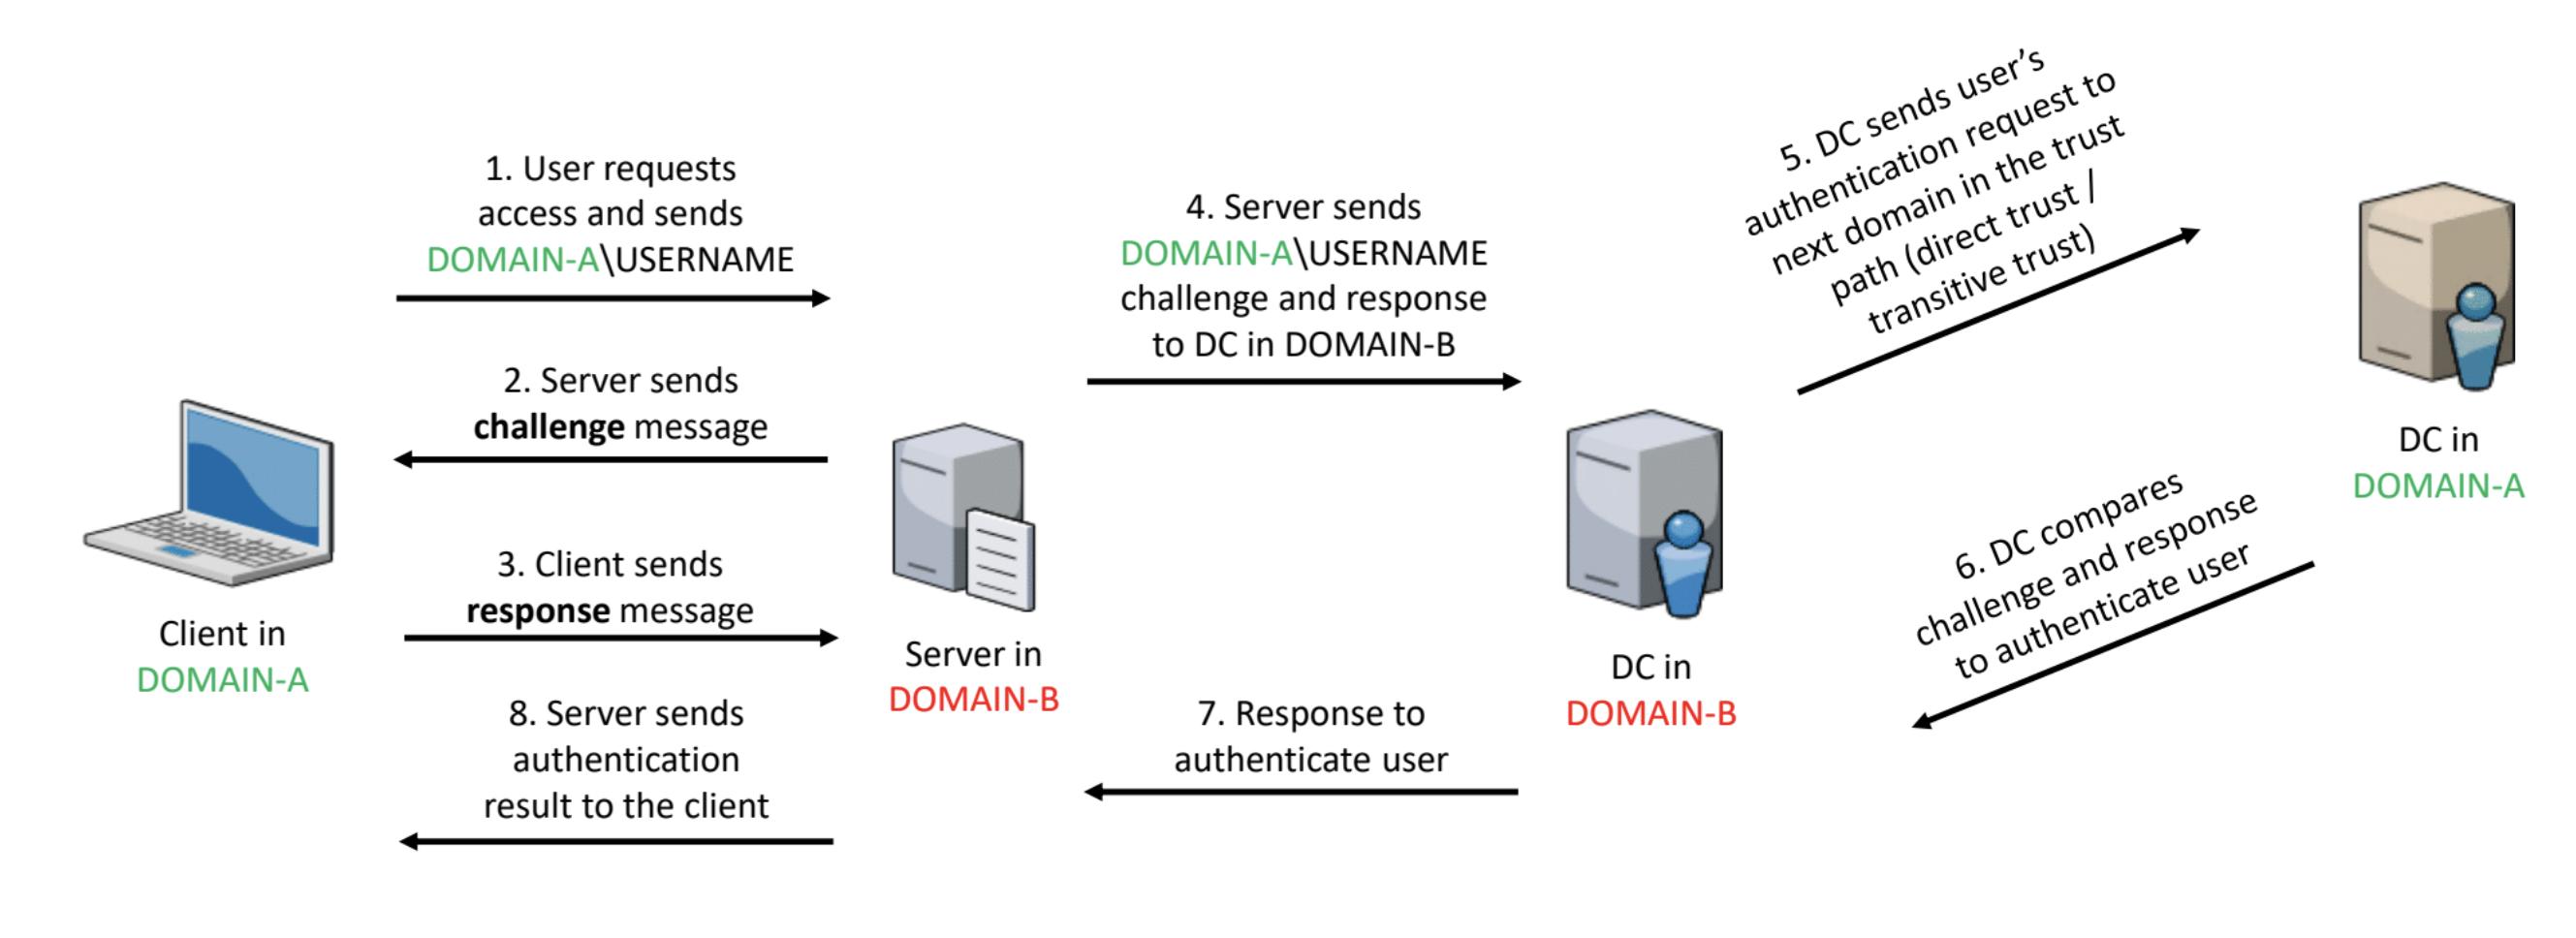 Атаки на трасты между доменами / Блог компании Инфосистемы